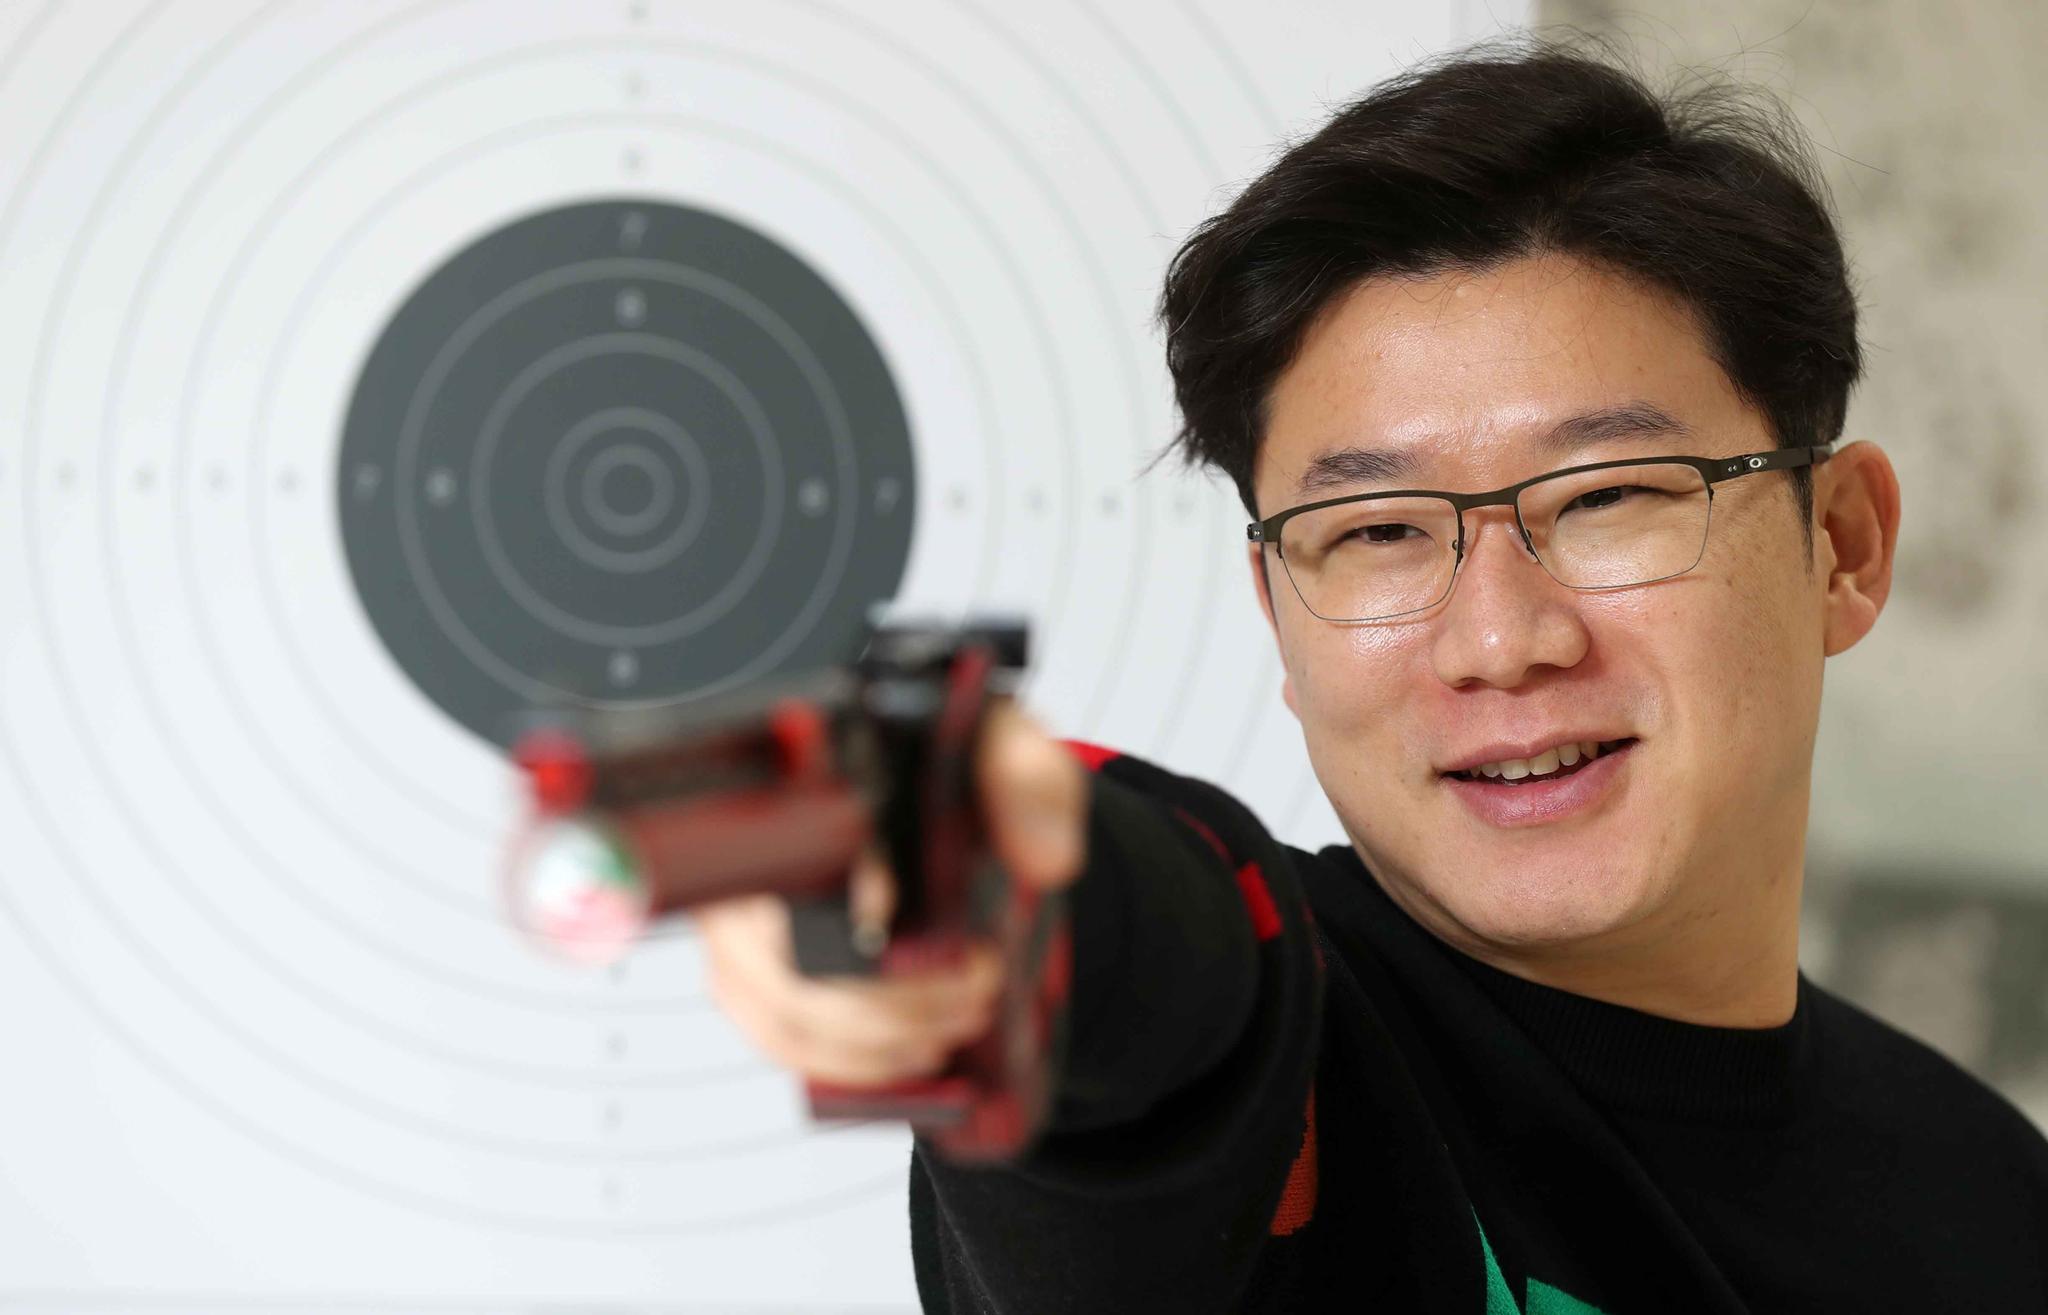 진종오가 극적으로 도쿄 올림픽 출전권을 따냈다. 표적을 겨누고 있는 진종오. 김상선 기자